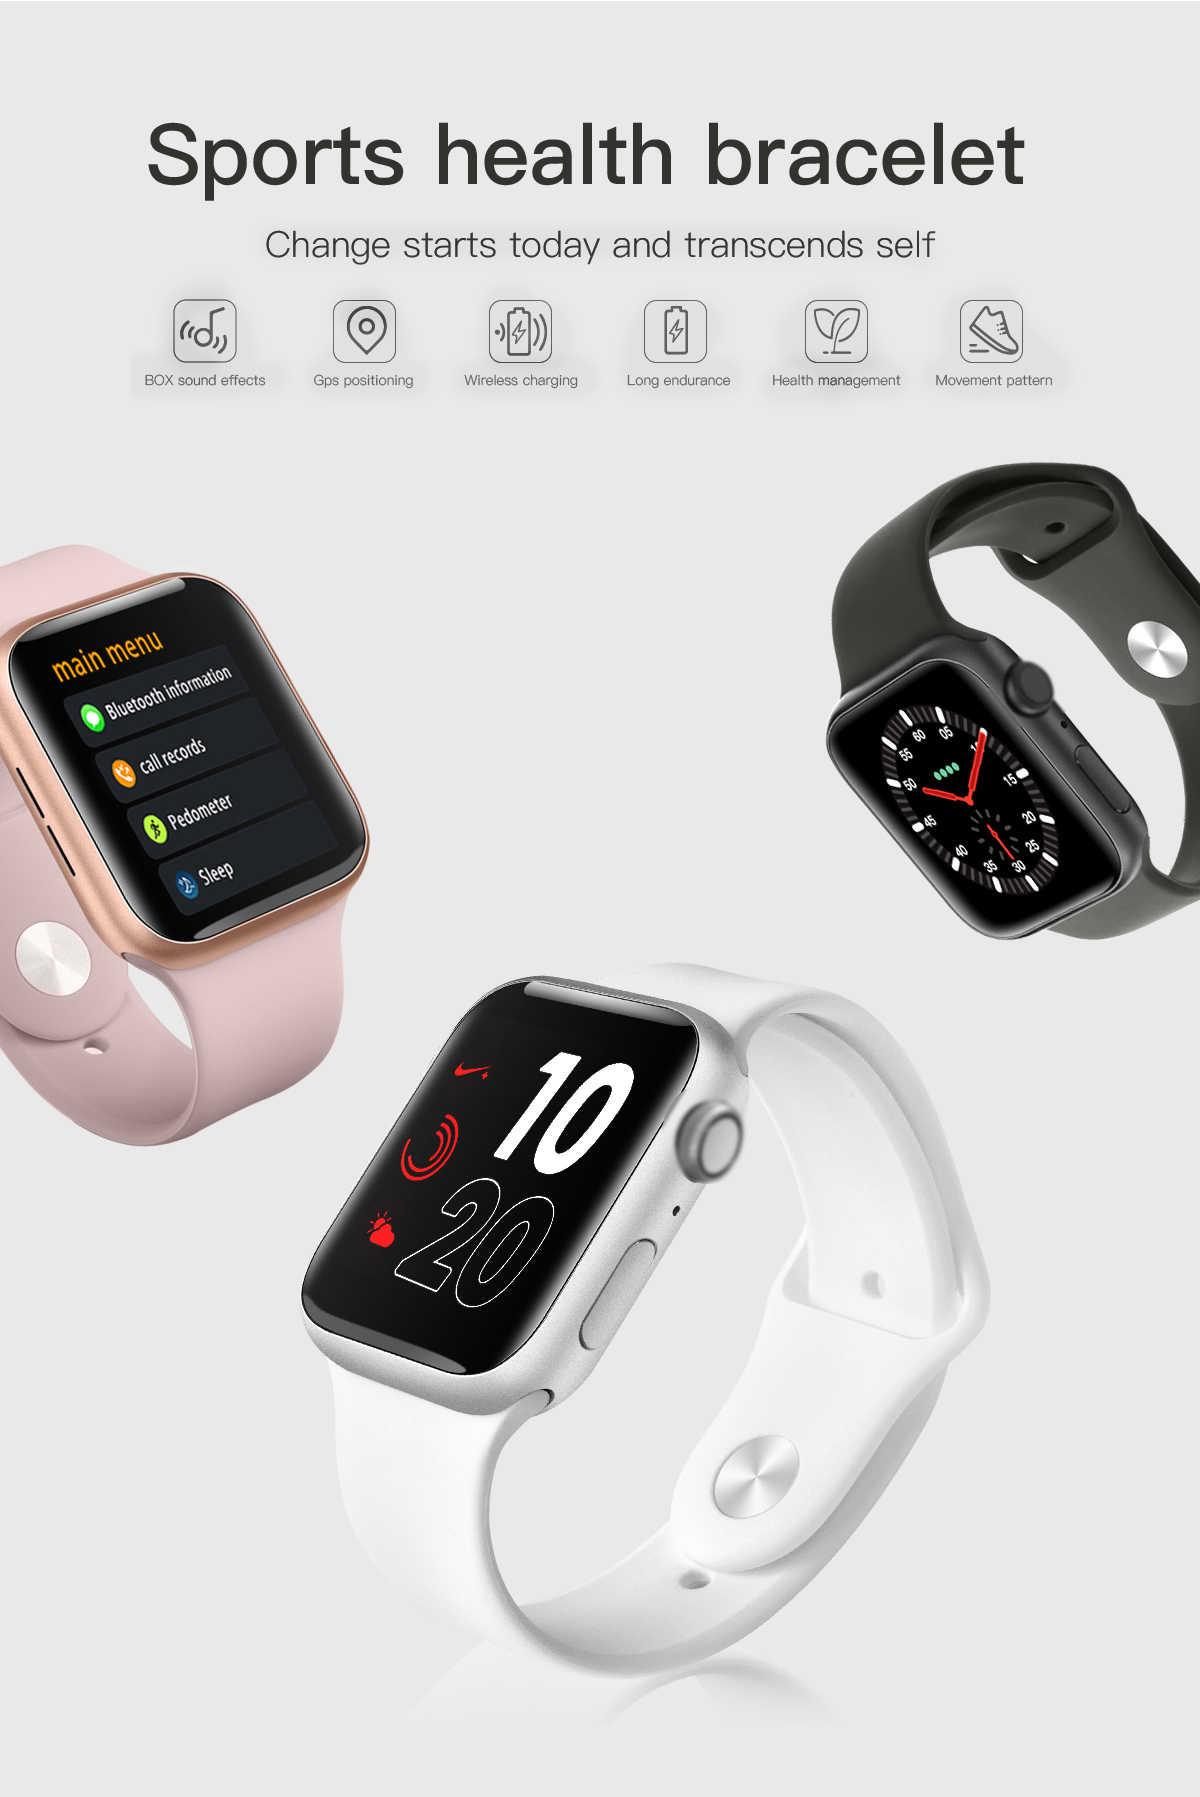 Gps Смарт часы Push сообщение Bluetooth подключение MP3-плеер Браслет для Apple IOS iPhone xiaomi сердечного ритма фитнес-трекер